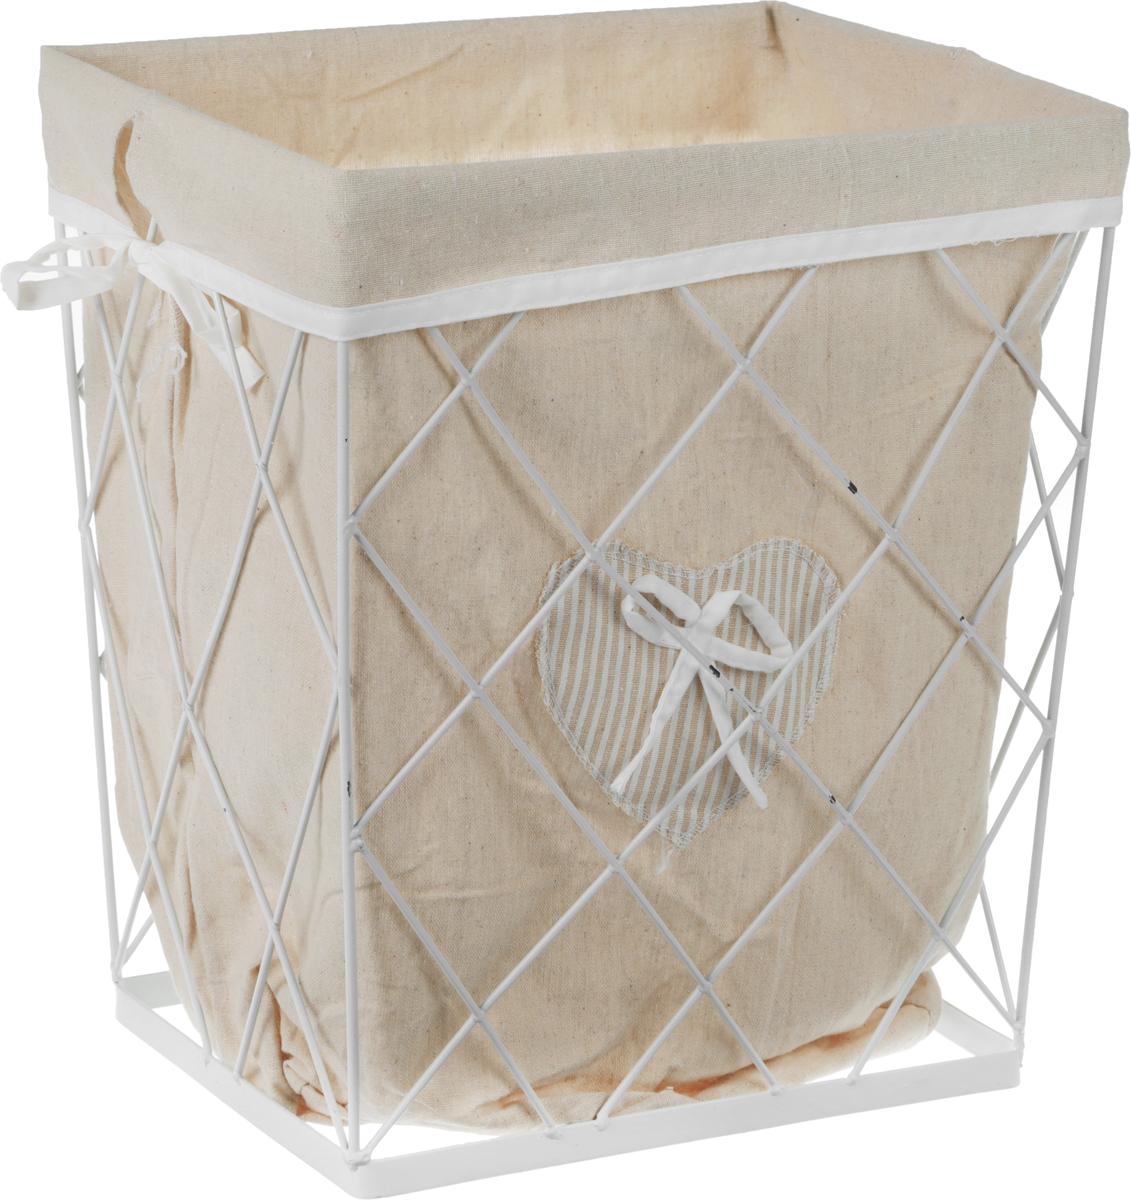 Корзина для белья Handy Home Решетка, цвет: белый, 35 х 24 х 40 смEW-50 SПрямоугольная бельевая корзина Natural House Решетка выполнена из металла ипредназначена для хранения белья. Корзина оснащена съемным чехлом из ткани, который легкостирается. Корзина предназначена для хранения вещей и декоративного оформленияпомещения.